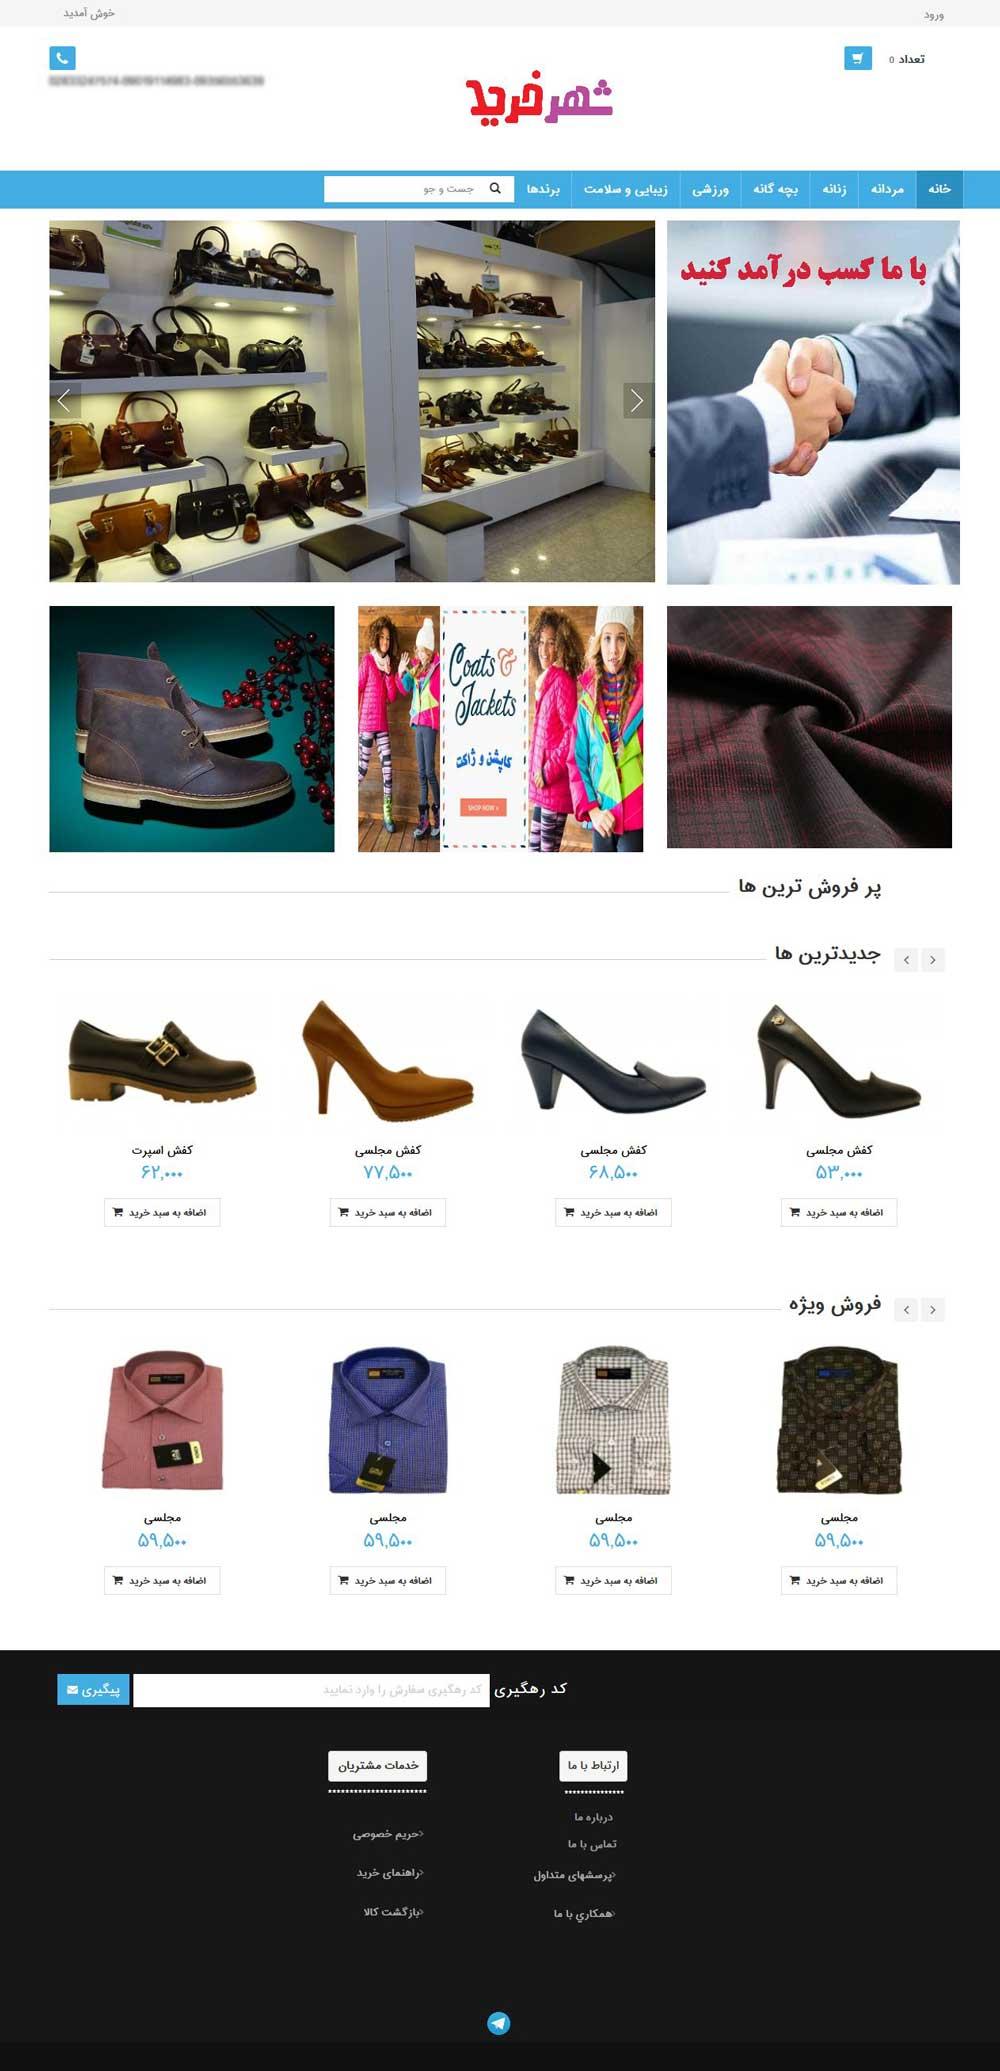 ساخت اپلیکیشن و وب سایت فروشگاه اینترنتی پوشاک و کفش 0